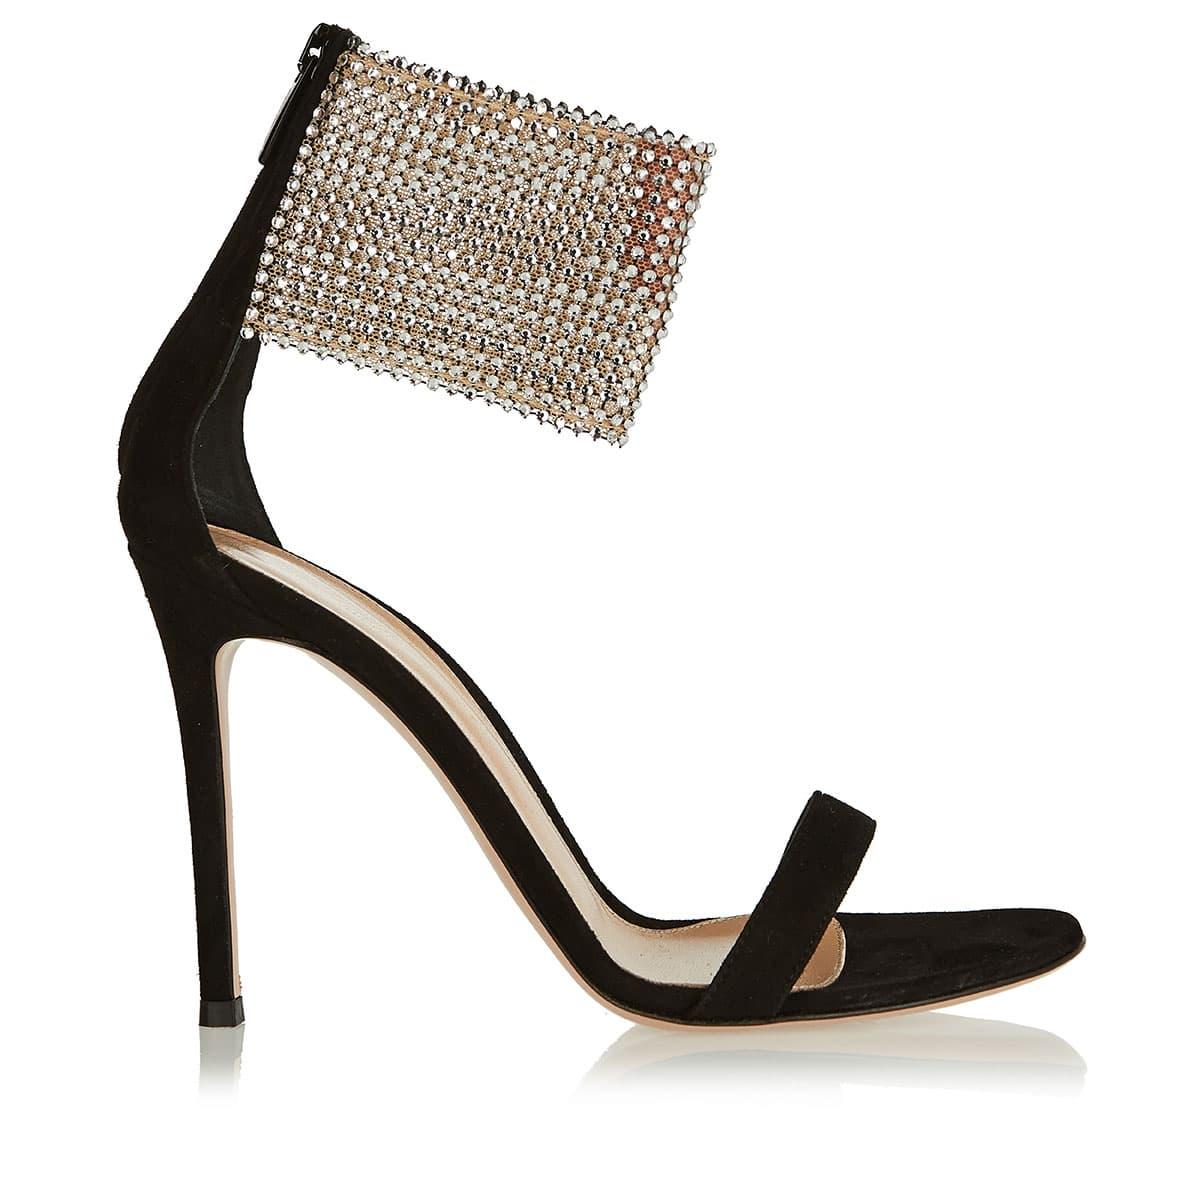 Adore 110 crystal-embellished suede sandals